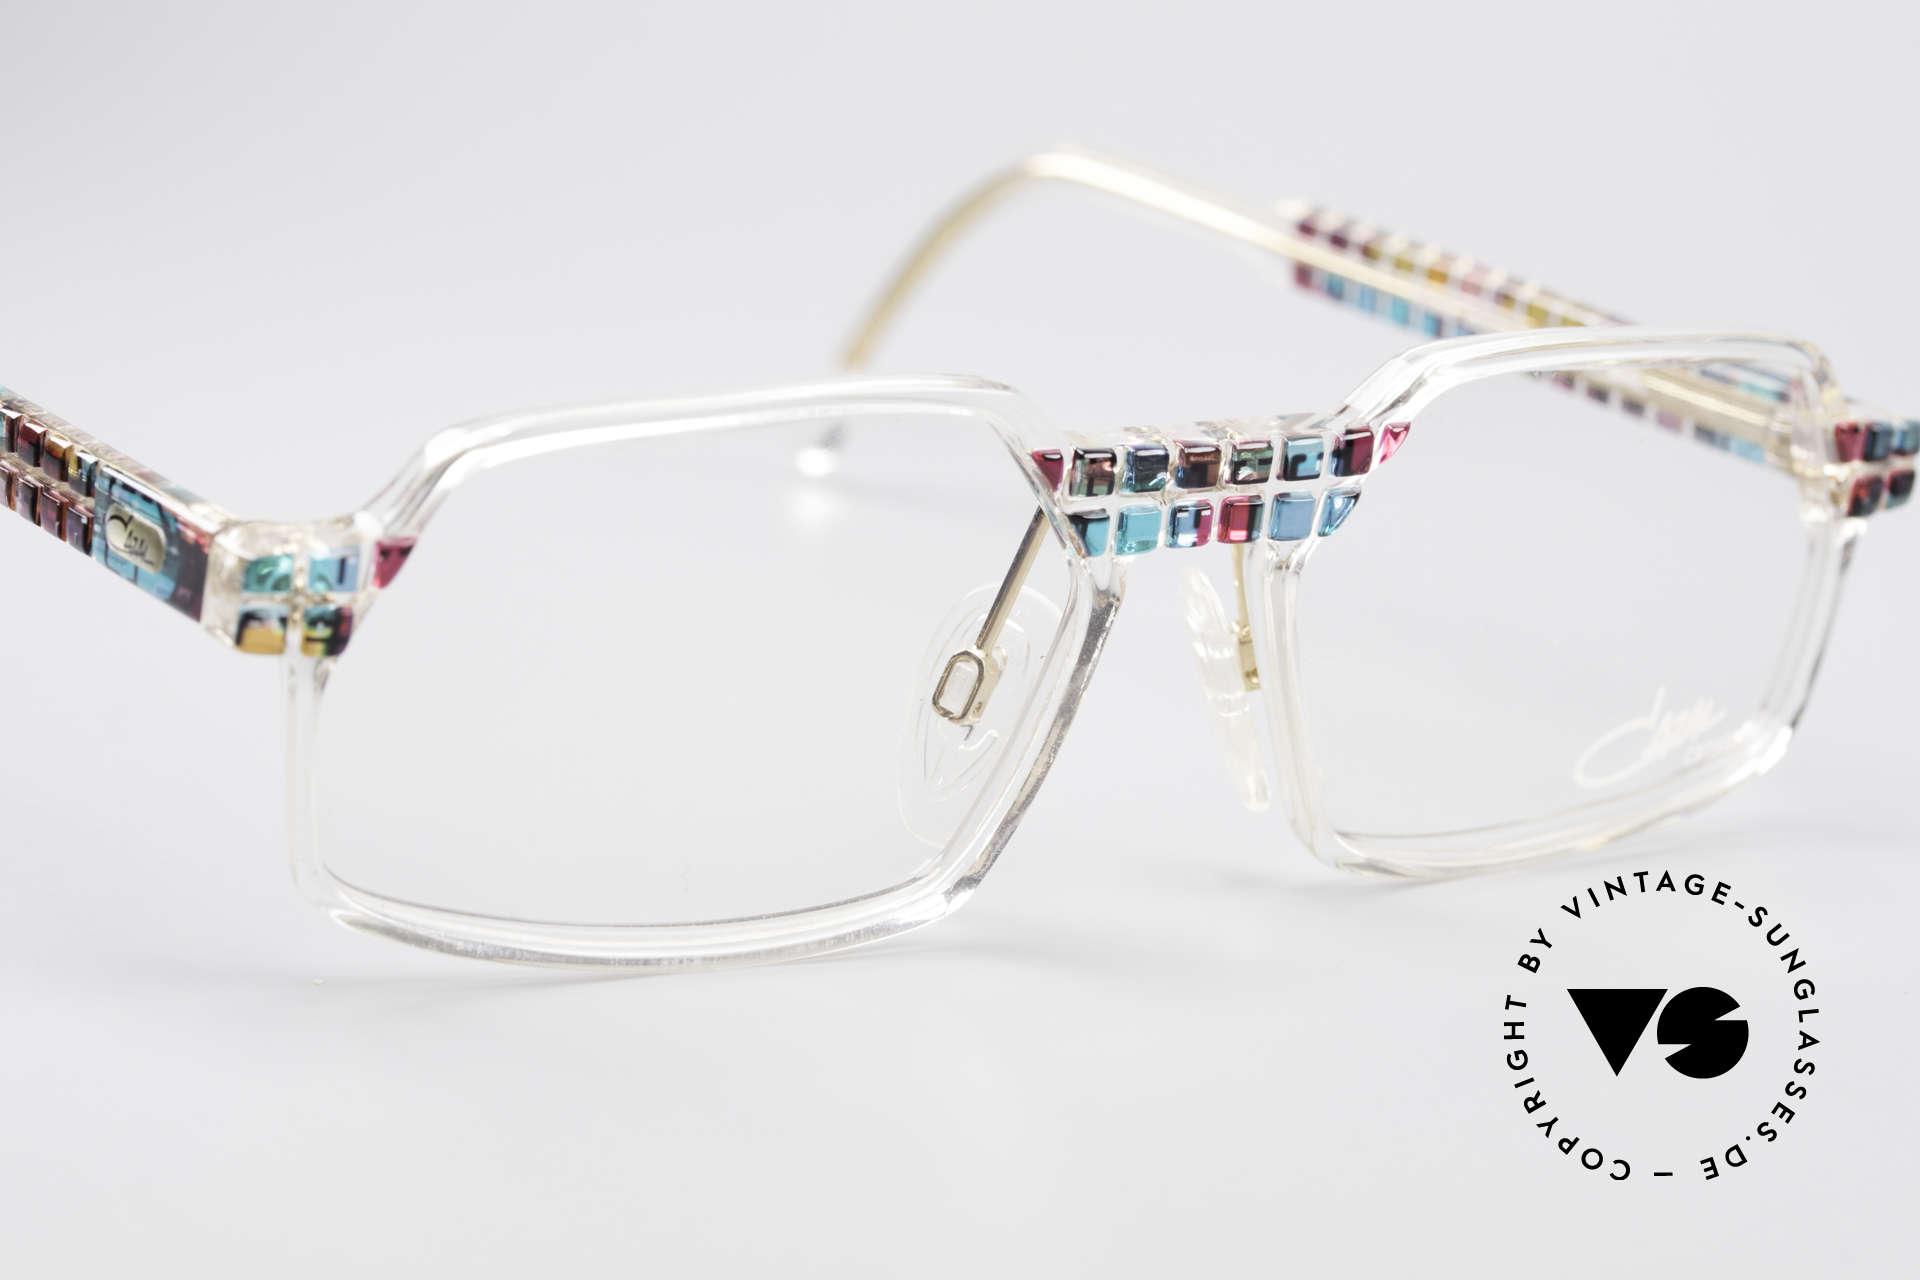 Cazal 511 Crystal Limited Vintage Cazal, ungetragen (wie alle unsere vintage CAZAL Brillen), Passend für Herren und Damen